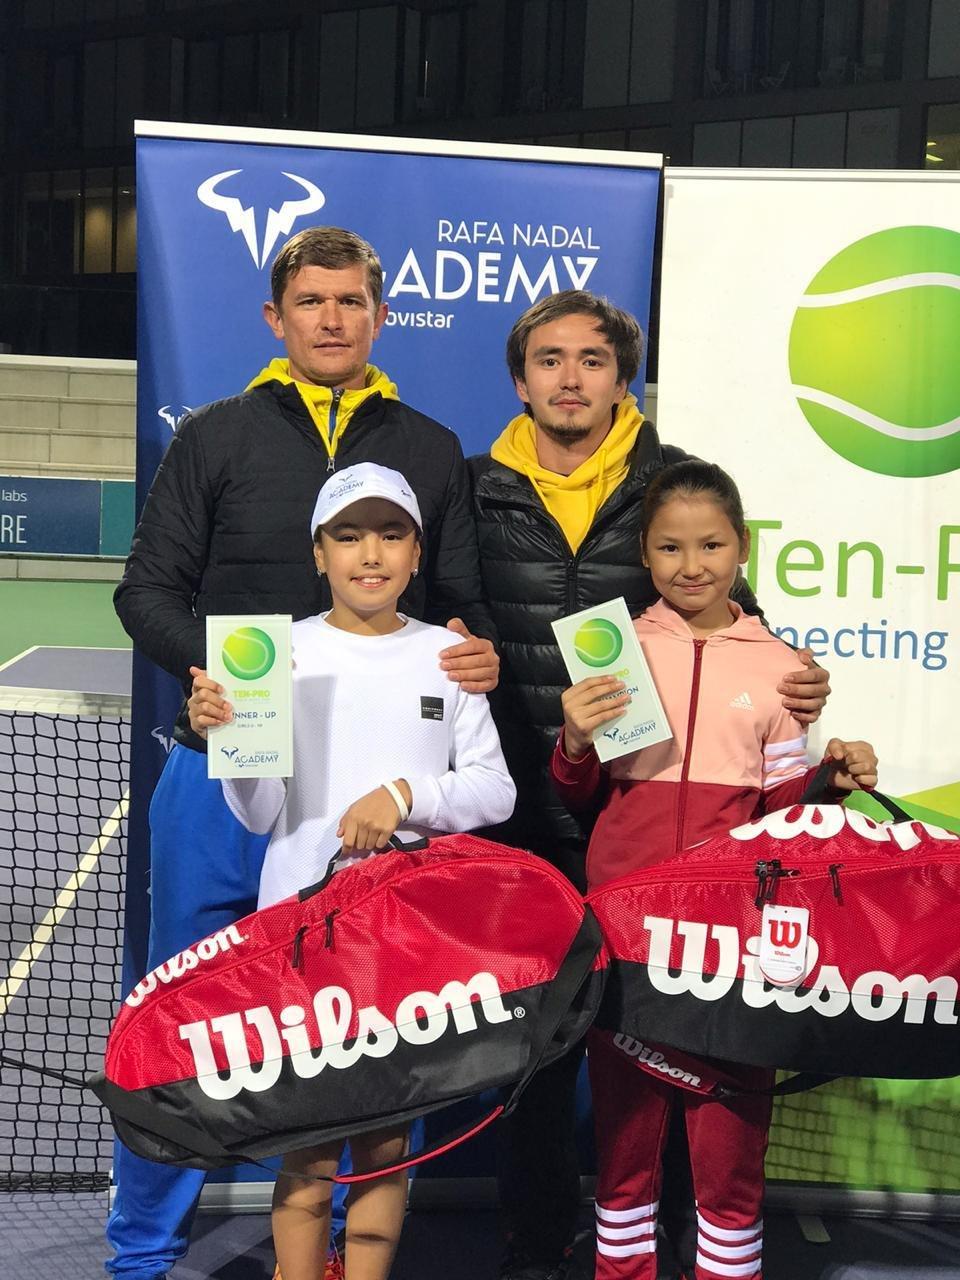 Юная теннисистка из Нур-Султана победила на чемпионате в Испании (фото), фото-3